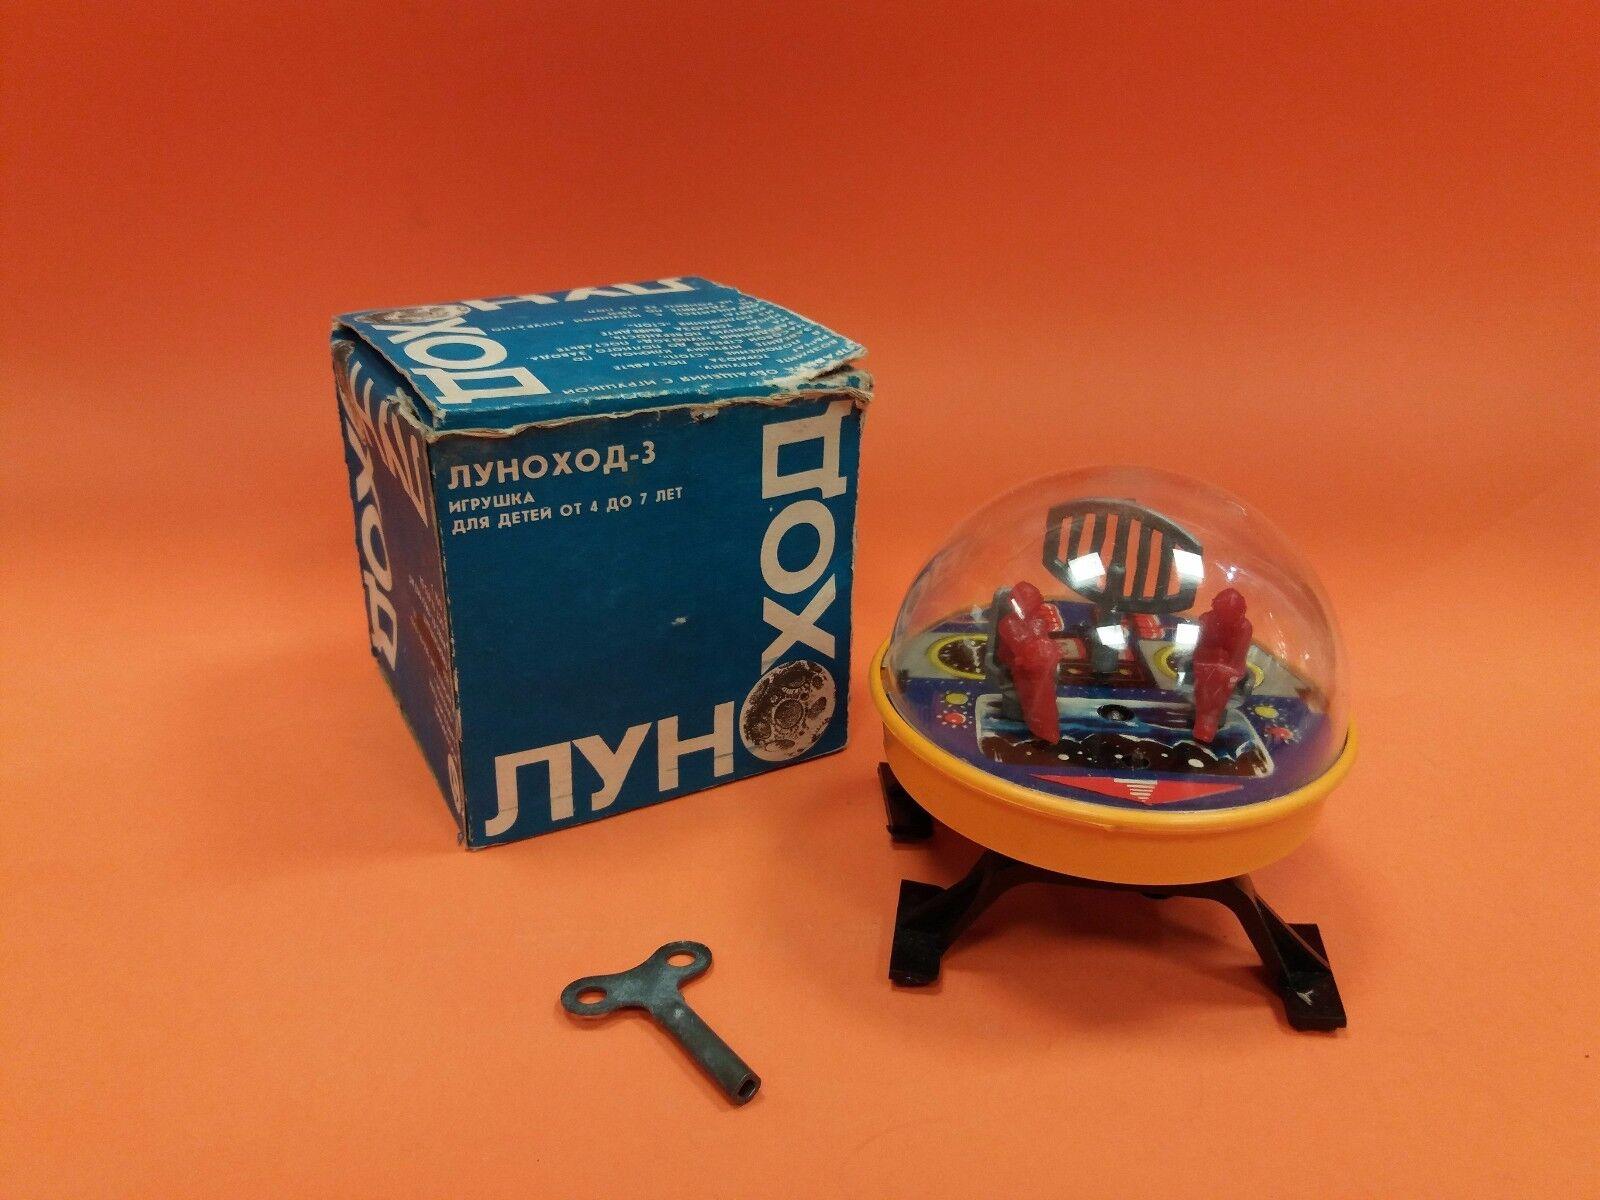 Das sowjetische raumfahrtprogramm der udssr selten wind-up spielzeug moonrover + box